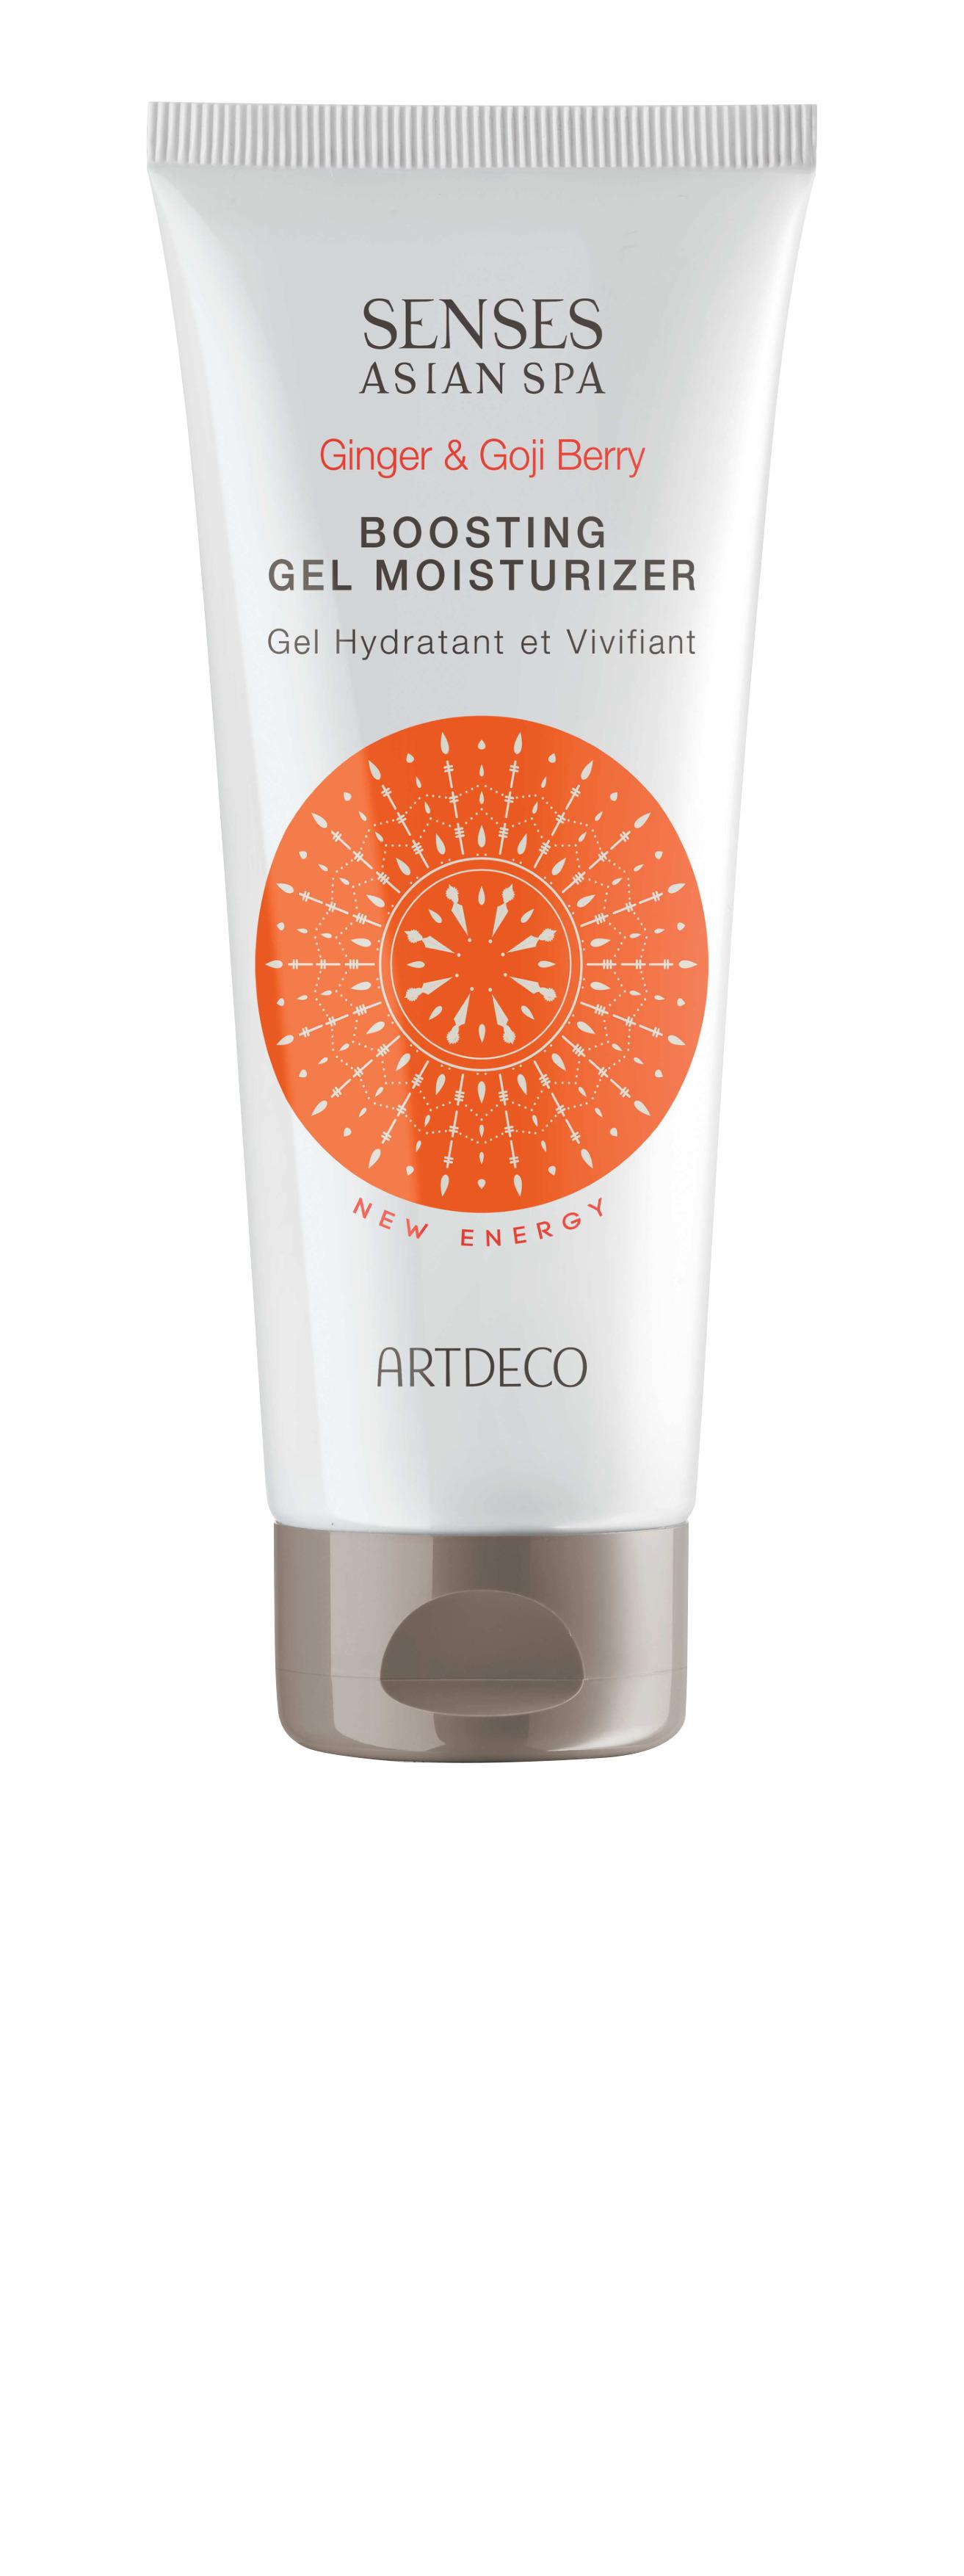 Artdeco гель для тела тонизирующий увлажняющий Boosting gel moisturizer, new energy, 200 мл65103Освежает и увлажняет кожу С легкой, быстро впитывающейся текстурой